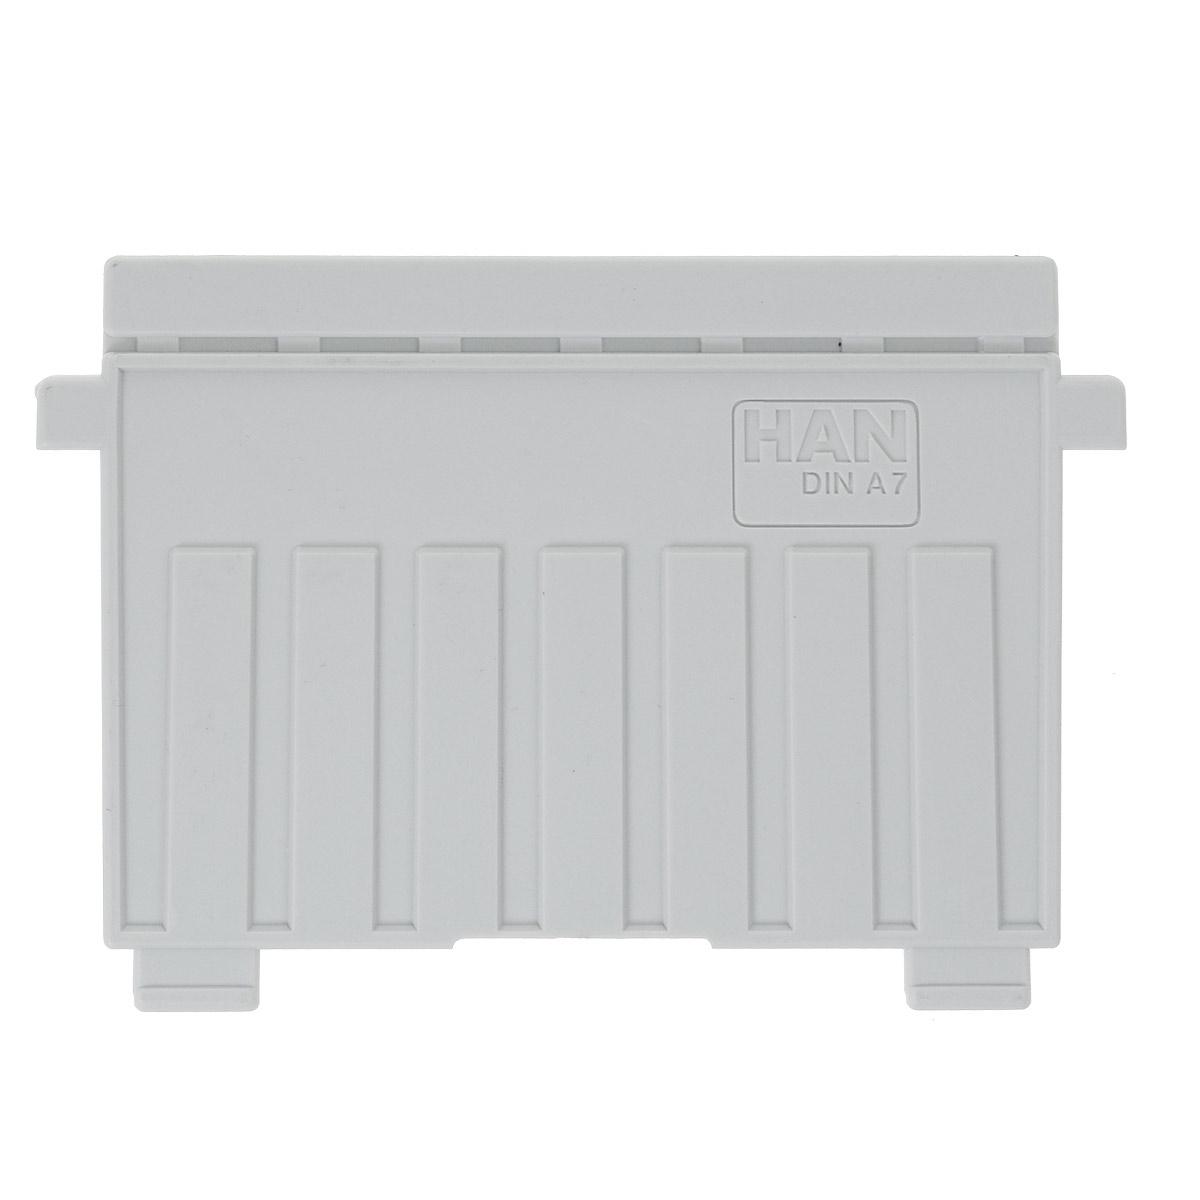 """Разделитель для картотеки """"Han"""" изготовлен из пластика серого цвета. Предназначен для горизонтальных картотек HAN. Имеется специальное поле для установки индексного окна (сверху)."""